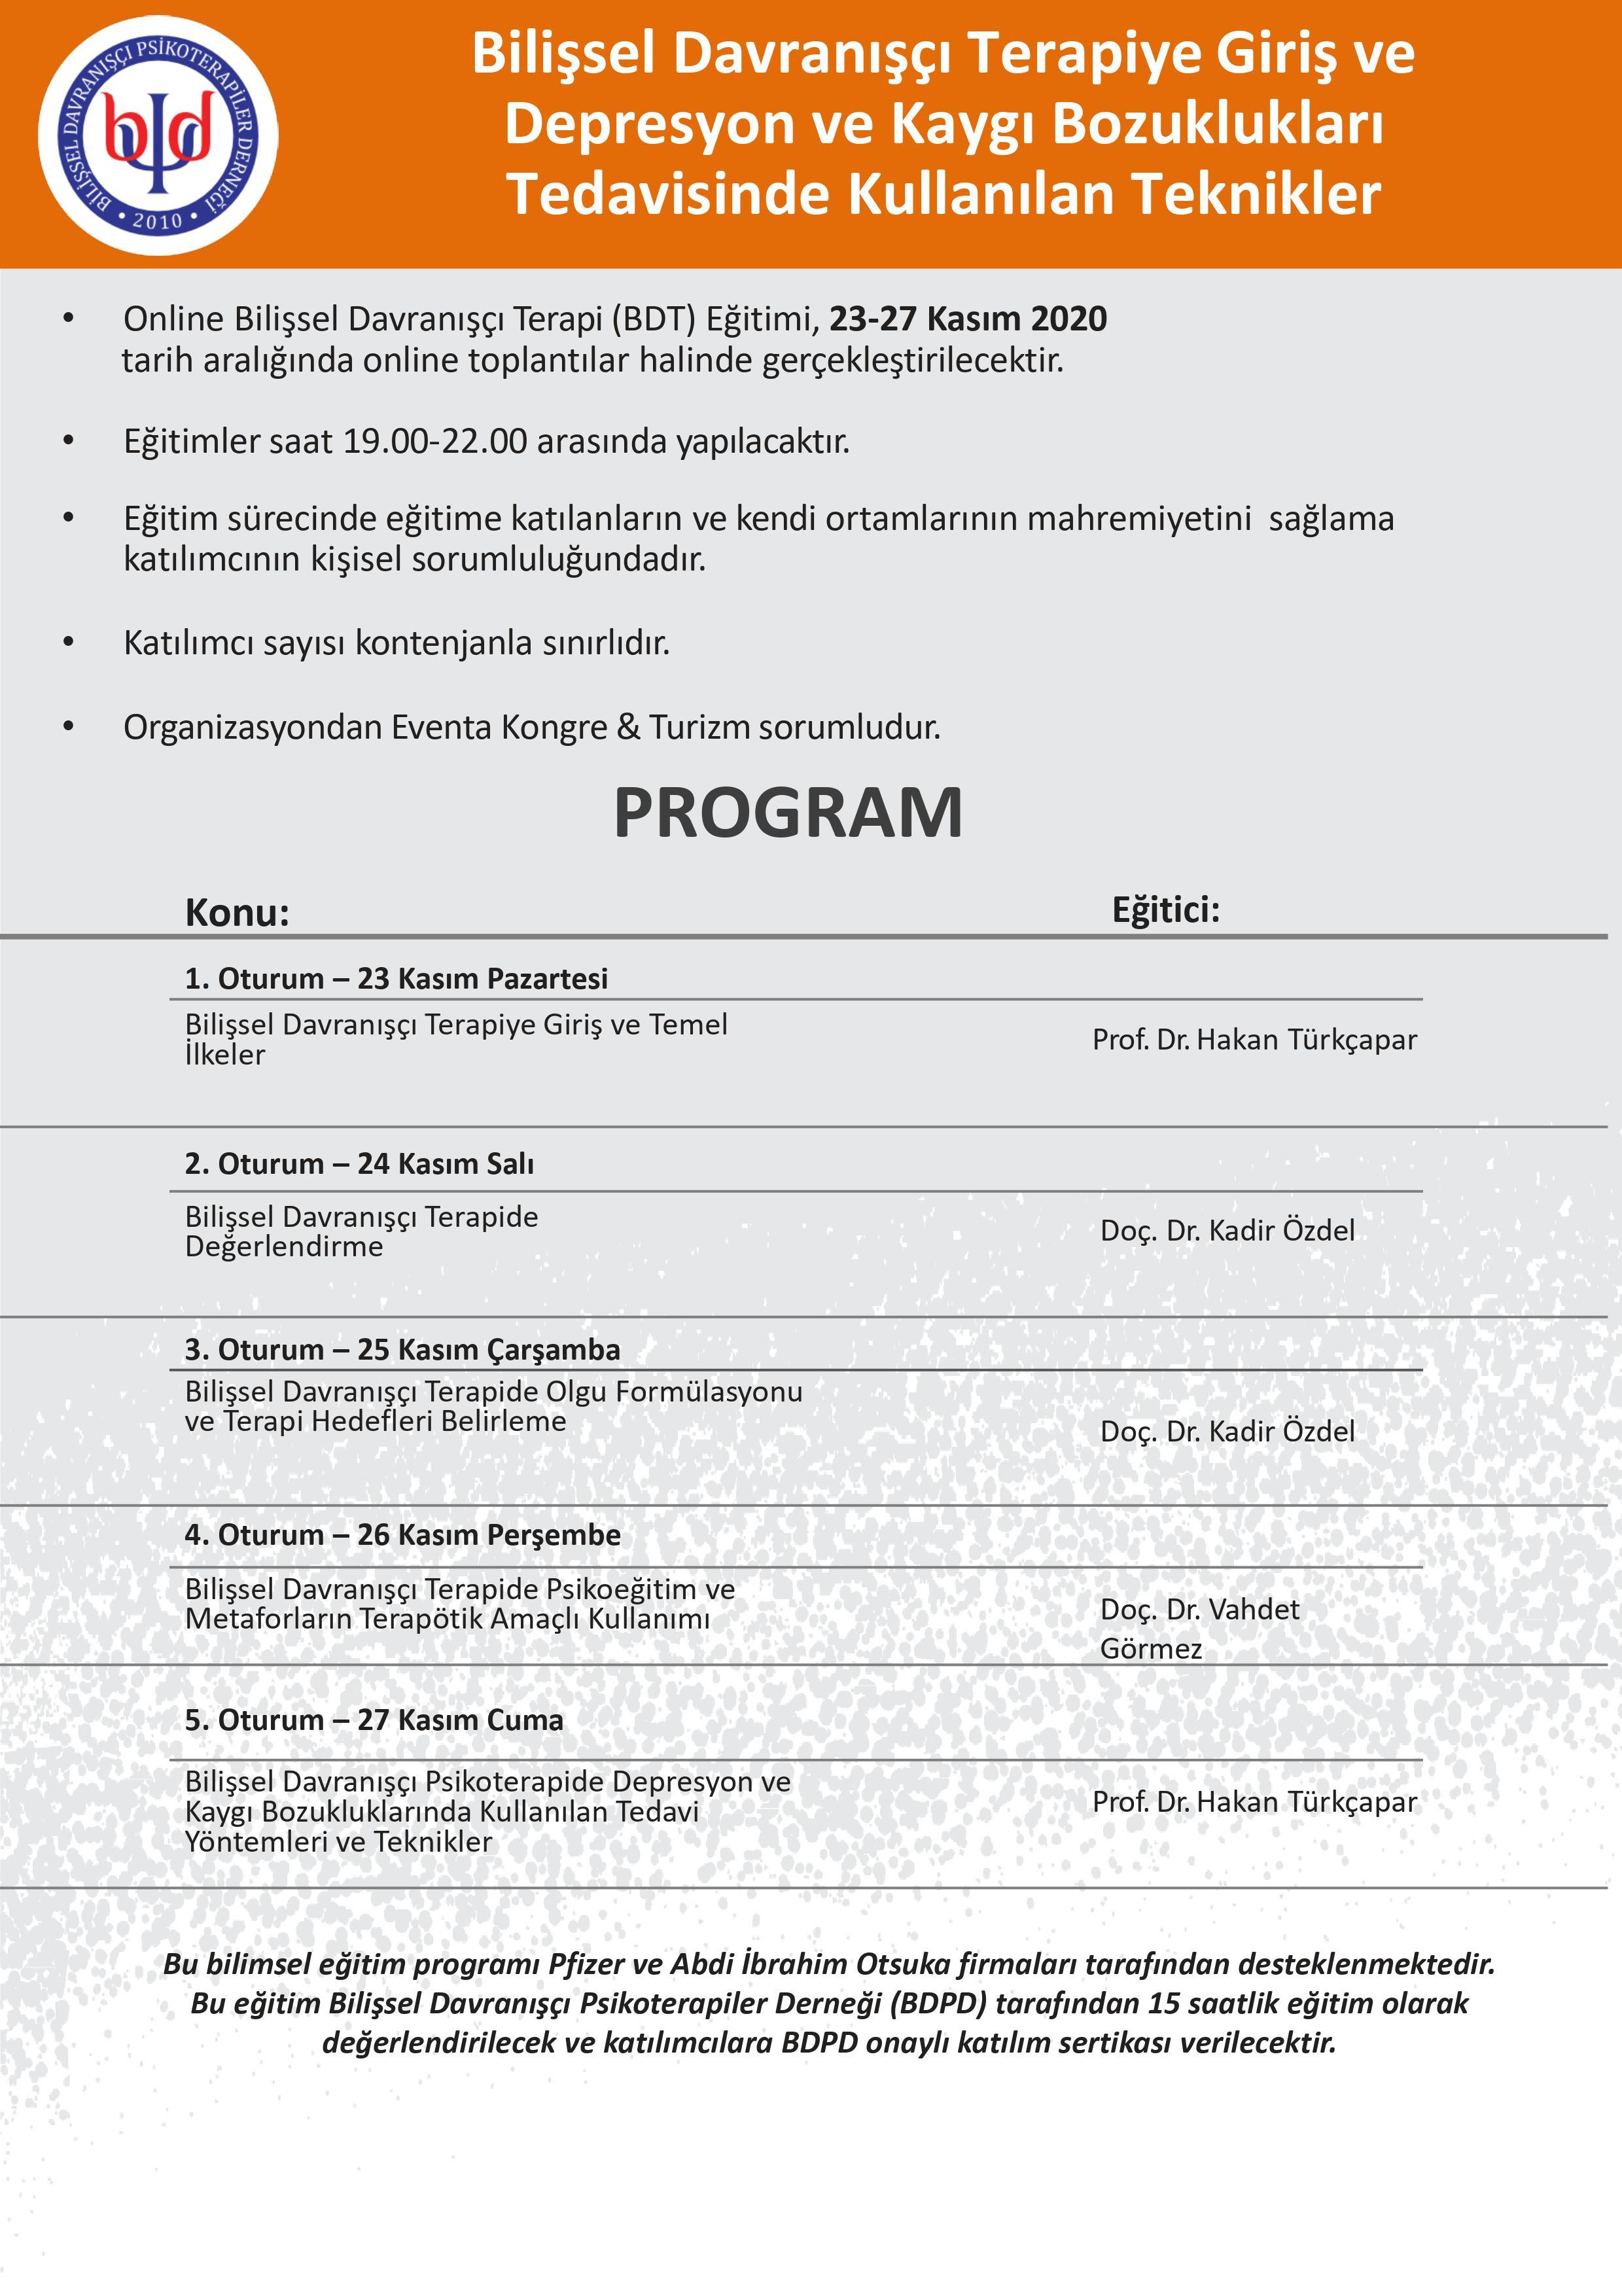 BDT'ye Giriş Programı /2020-Kasım